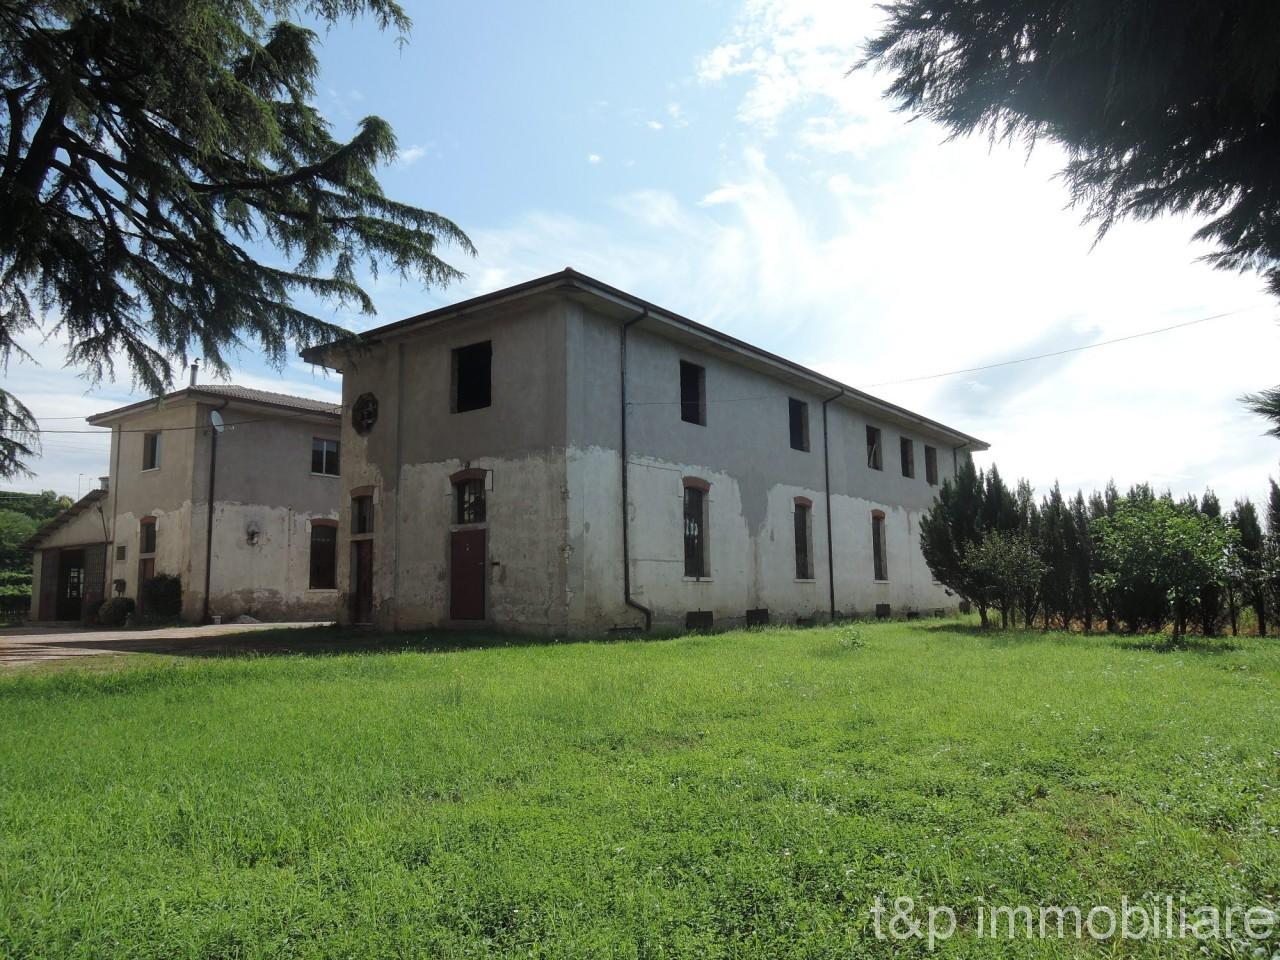 Complesso agricolo produttivo in zona Valpolicella DOC